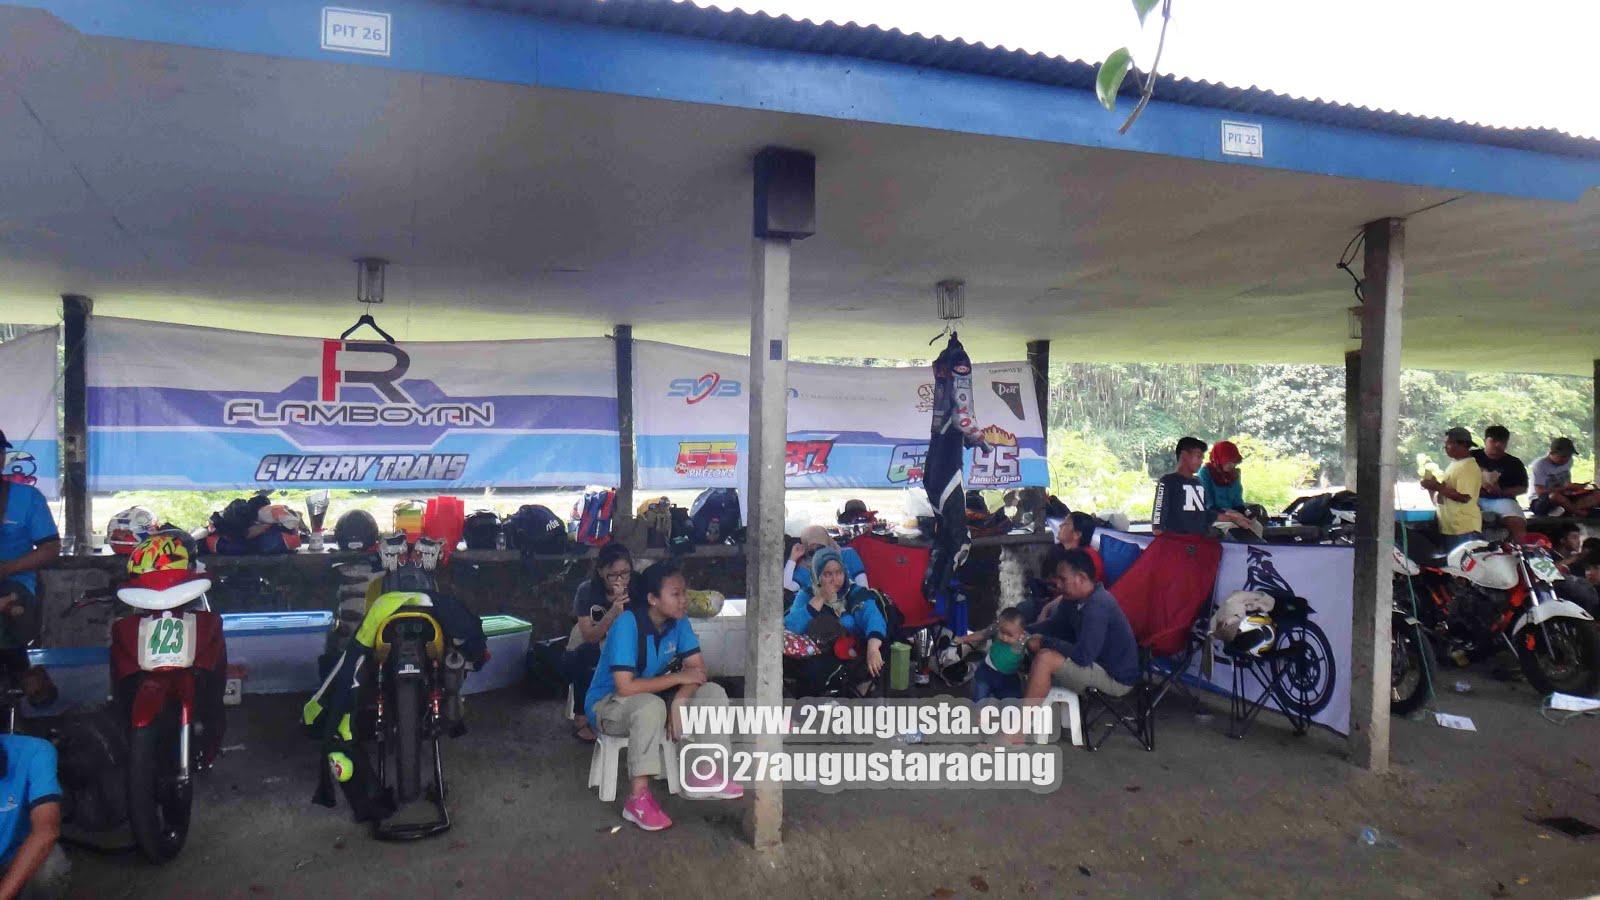 Circuit Sentul : Trackday di sentul karting u bekasi cornering piknik narsis